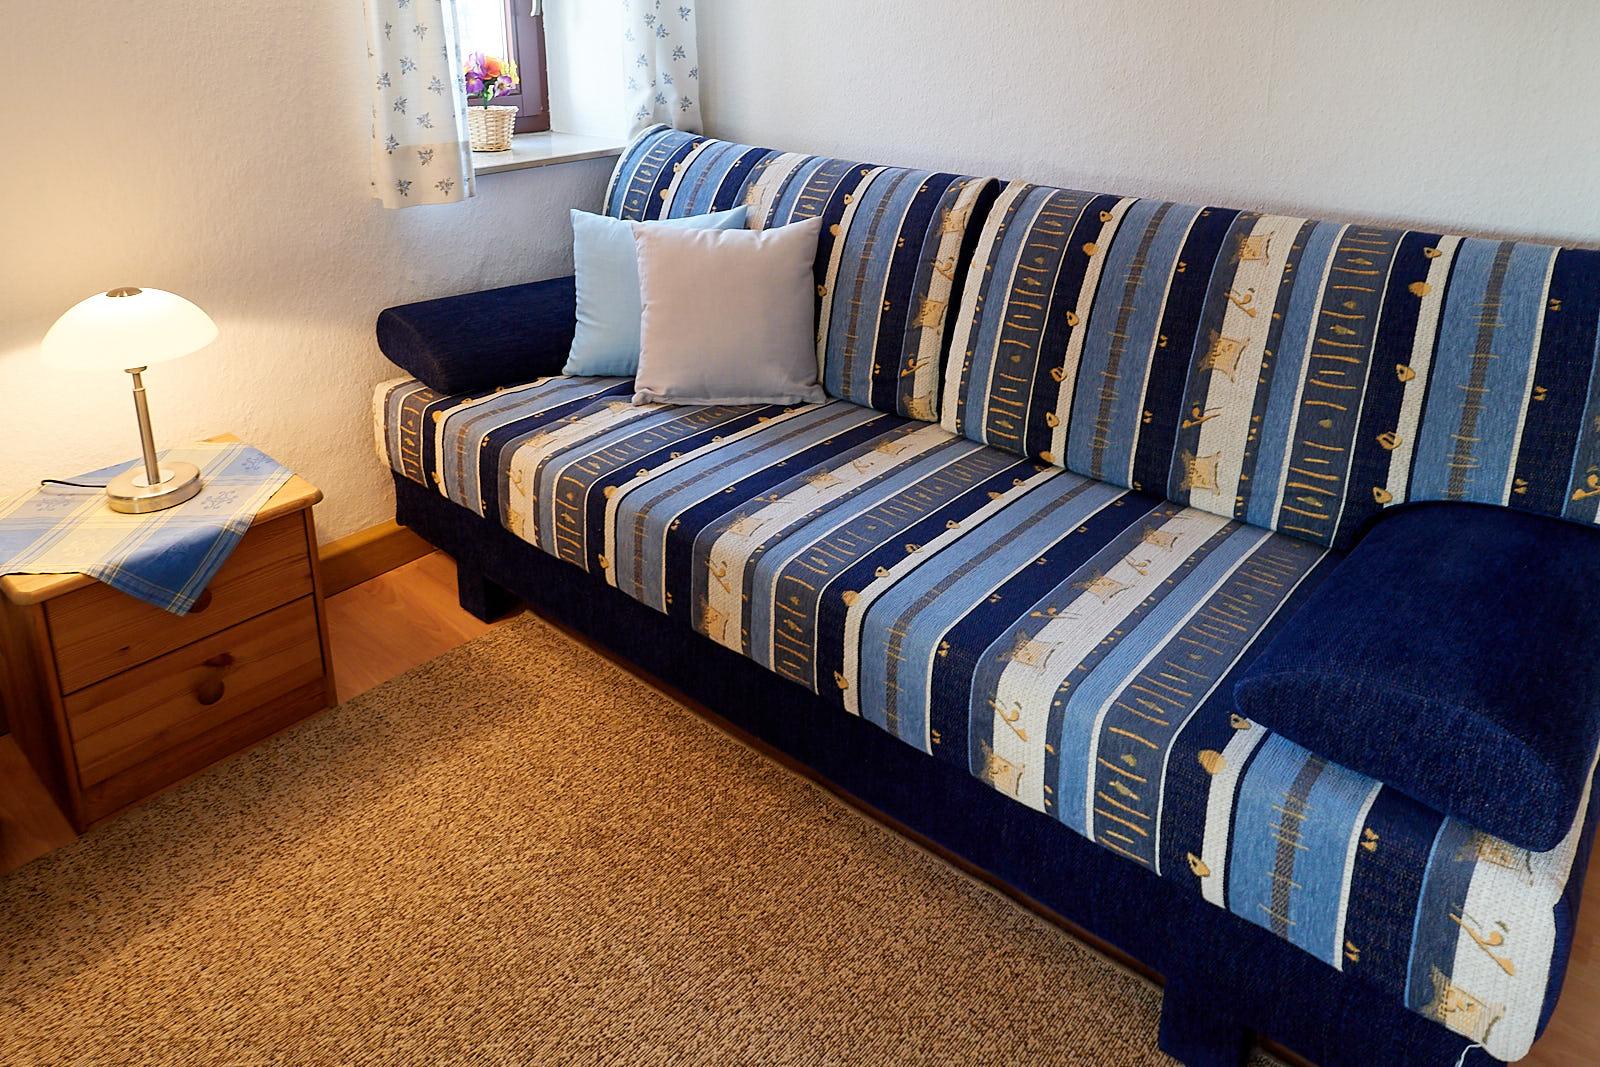 Ferienwohnung 2 - 3 Personen: Wohnraum mit Schlafliege